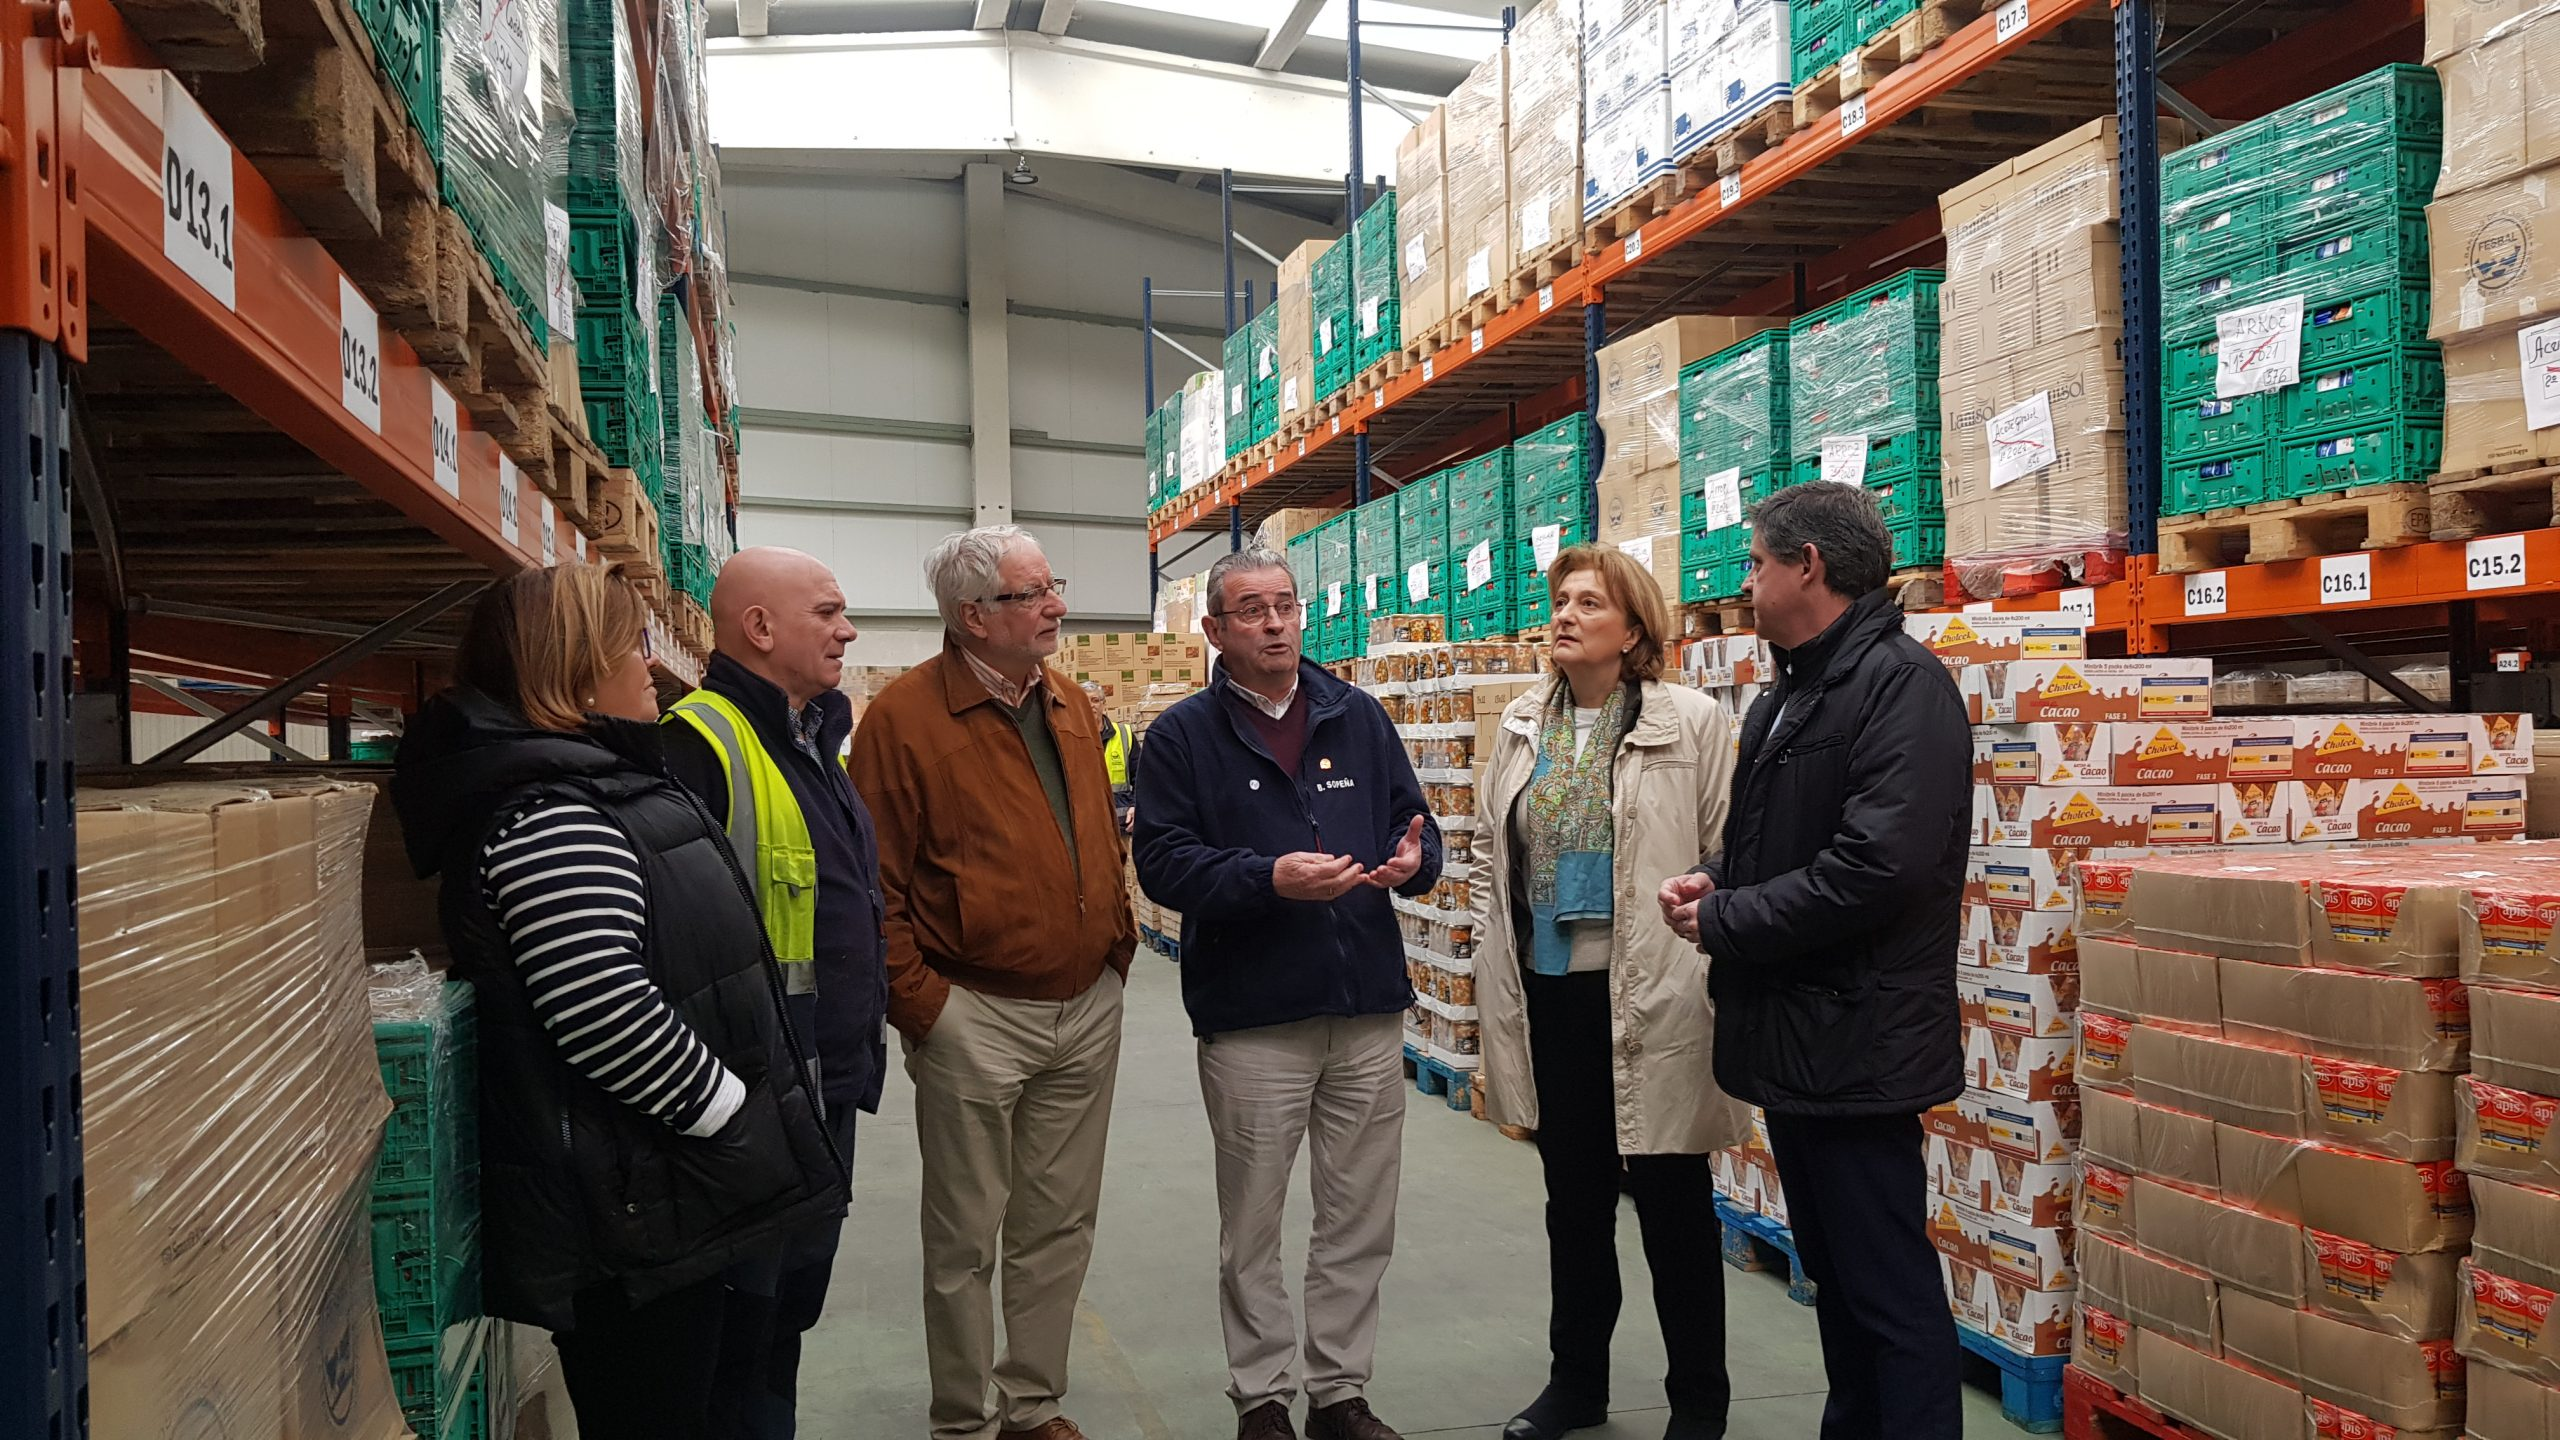 El Programa 2019 de Ayuda a las personas más desfavorecidas, ha distribuido en Asturias 1,6 toneladas de alimentos entre 24.000 personas